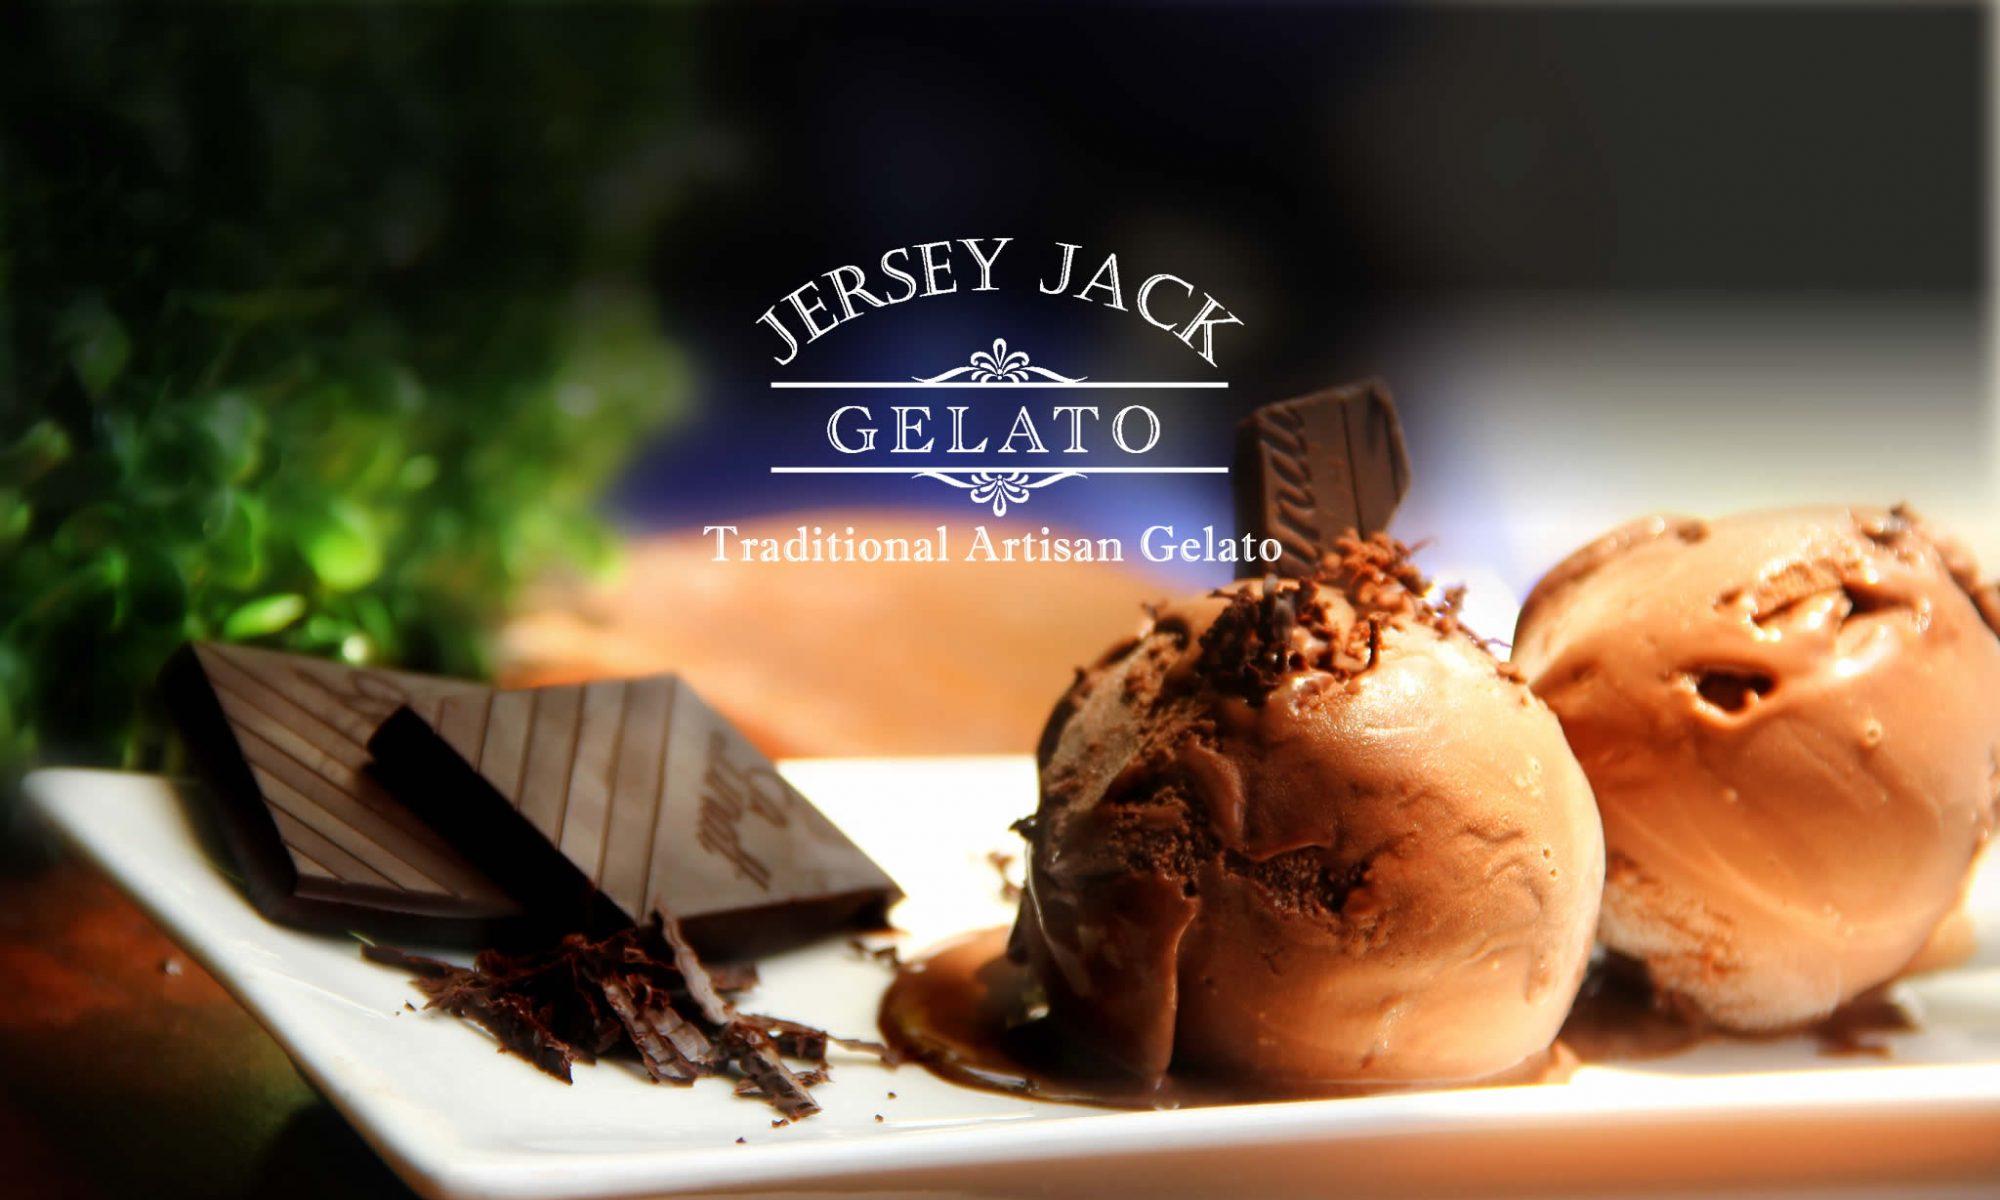 JerseyJackGelato.com